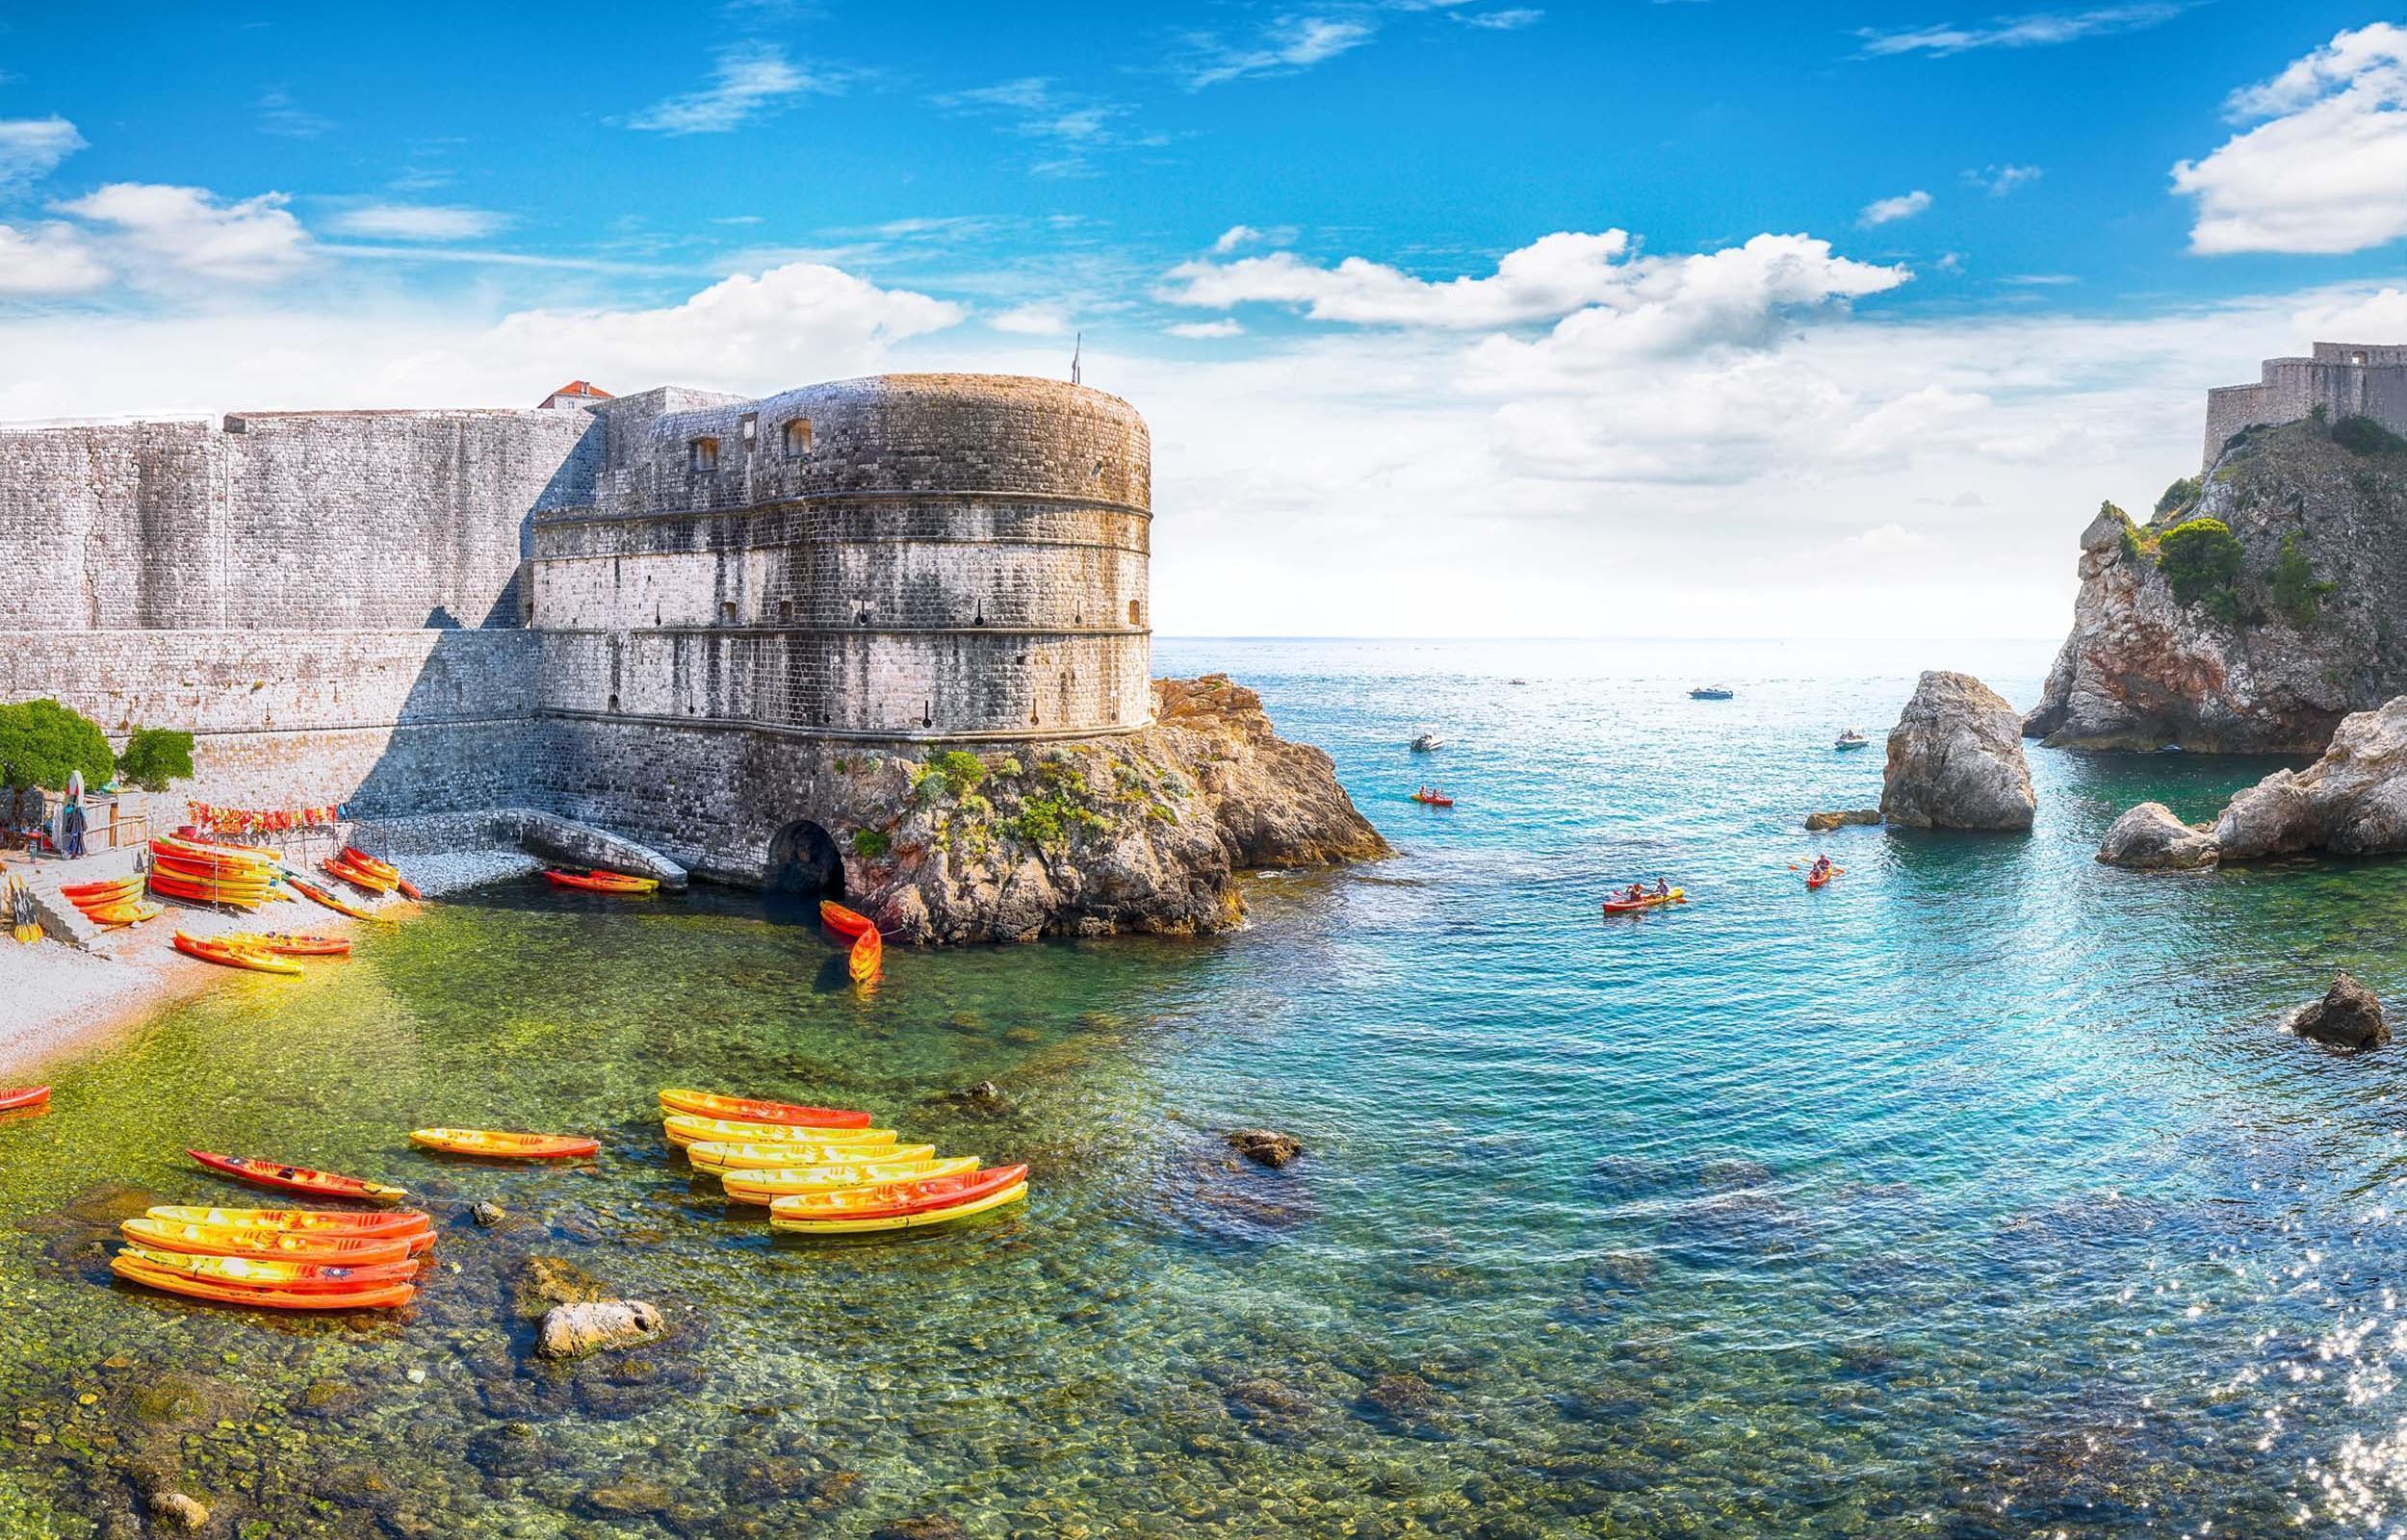 Le Perle dell'Adriatico